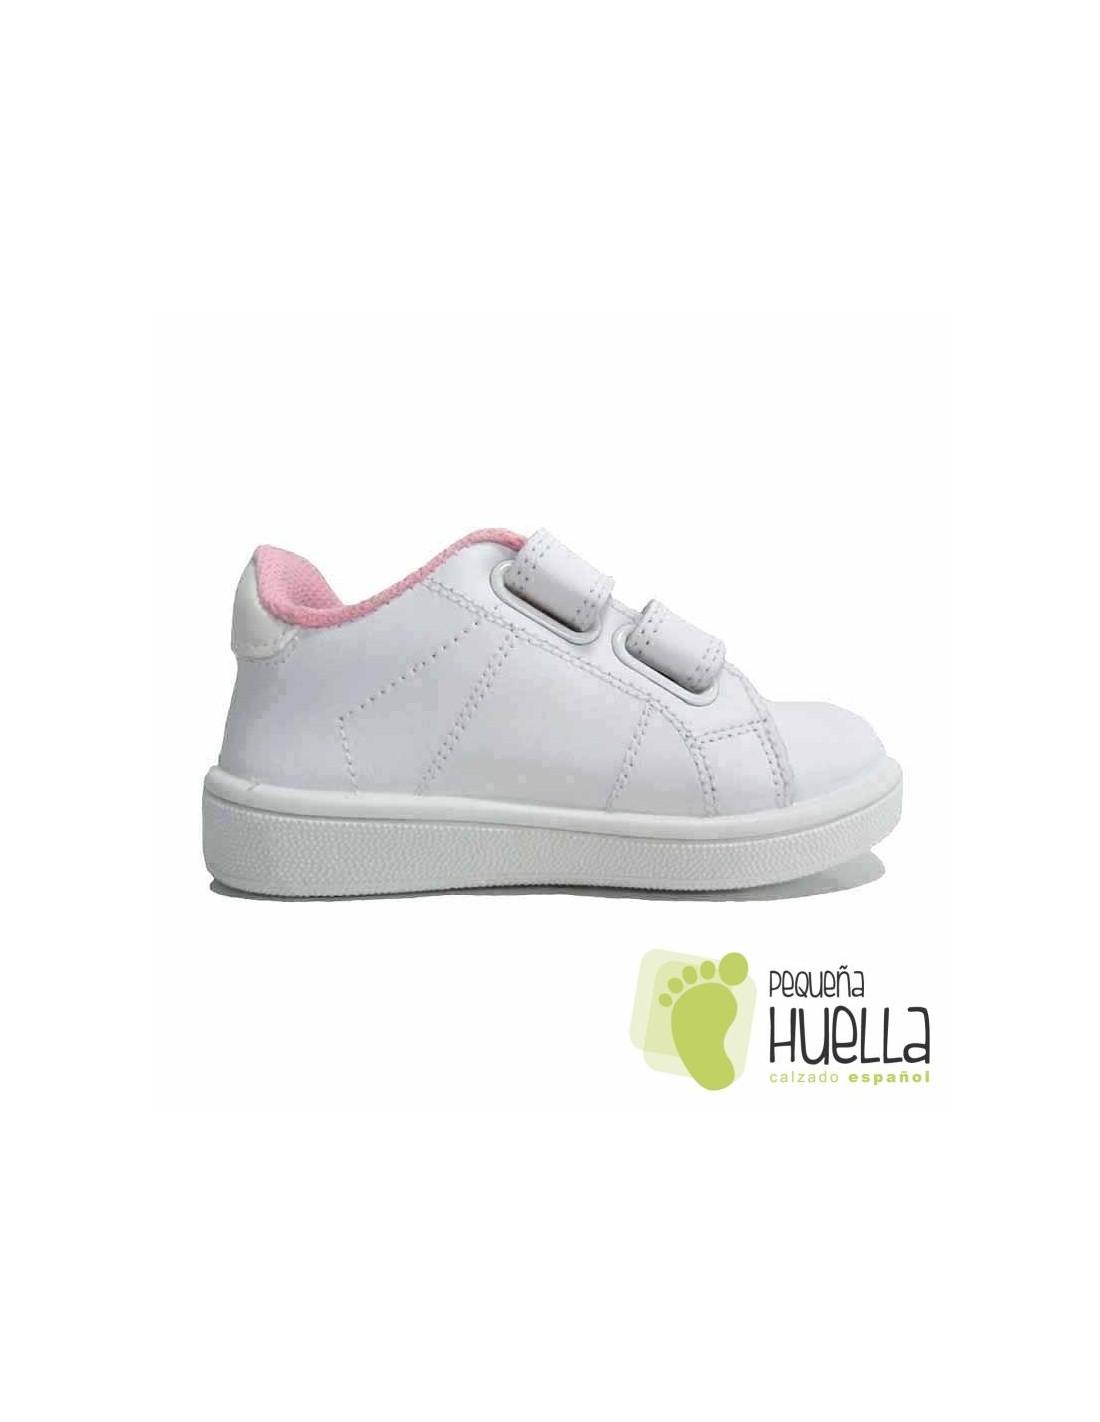 56c74f9edd5d4 Comprar zapatillas de deporte Zapy para niños Online